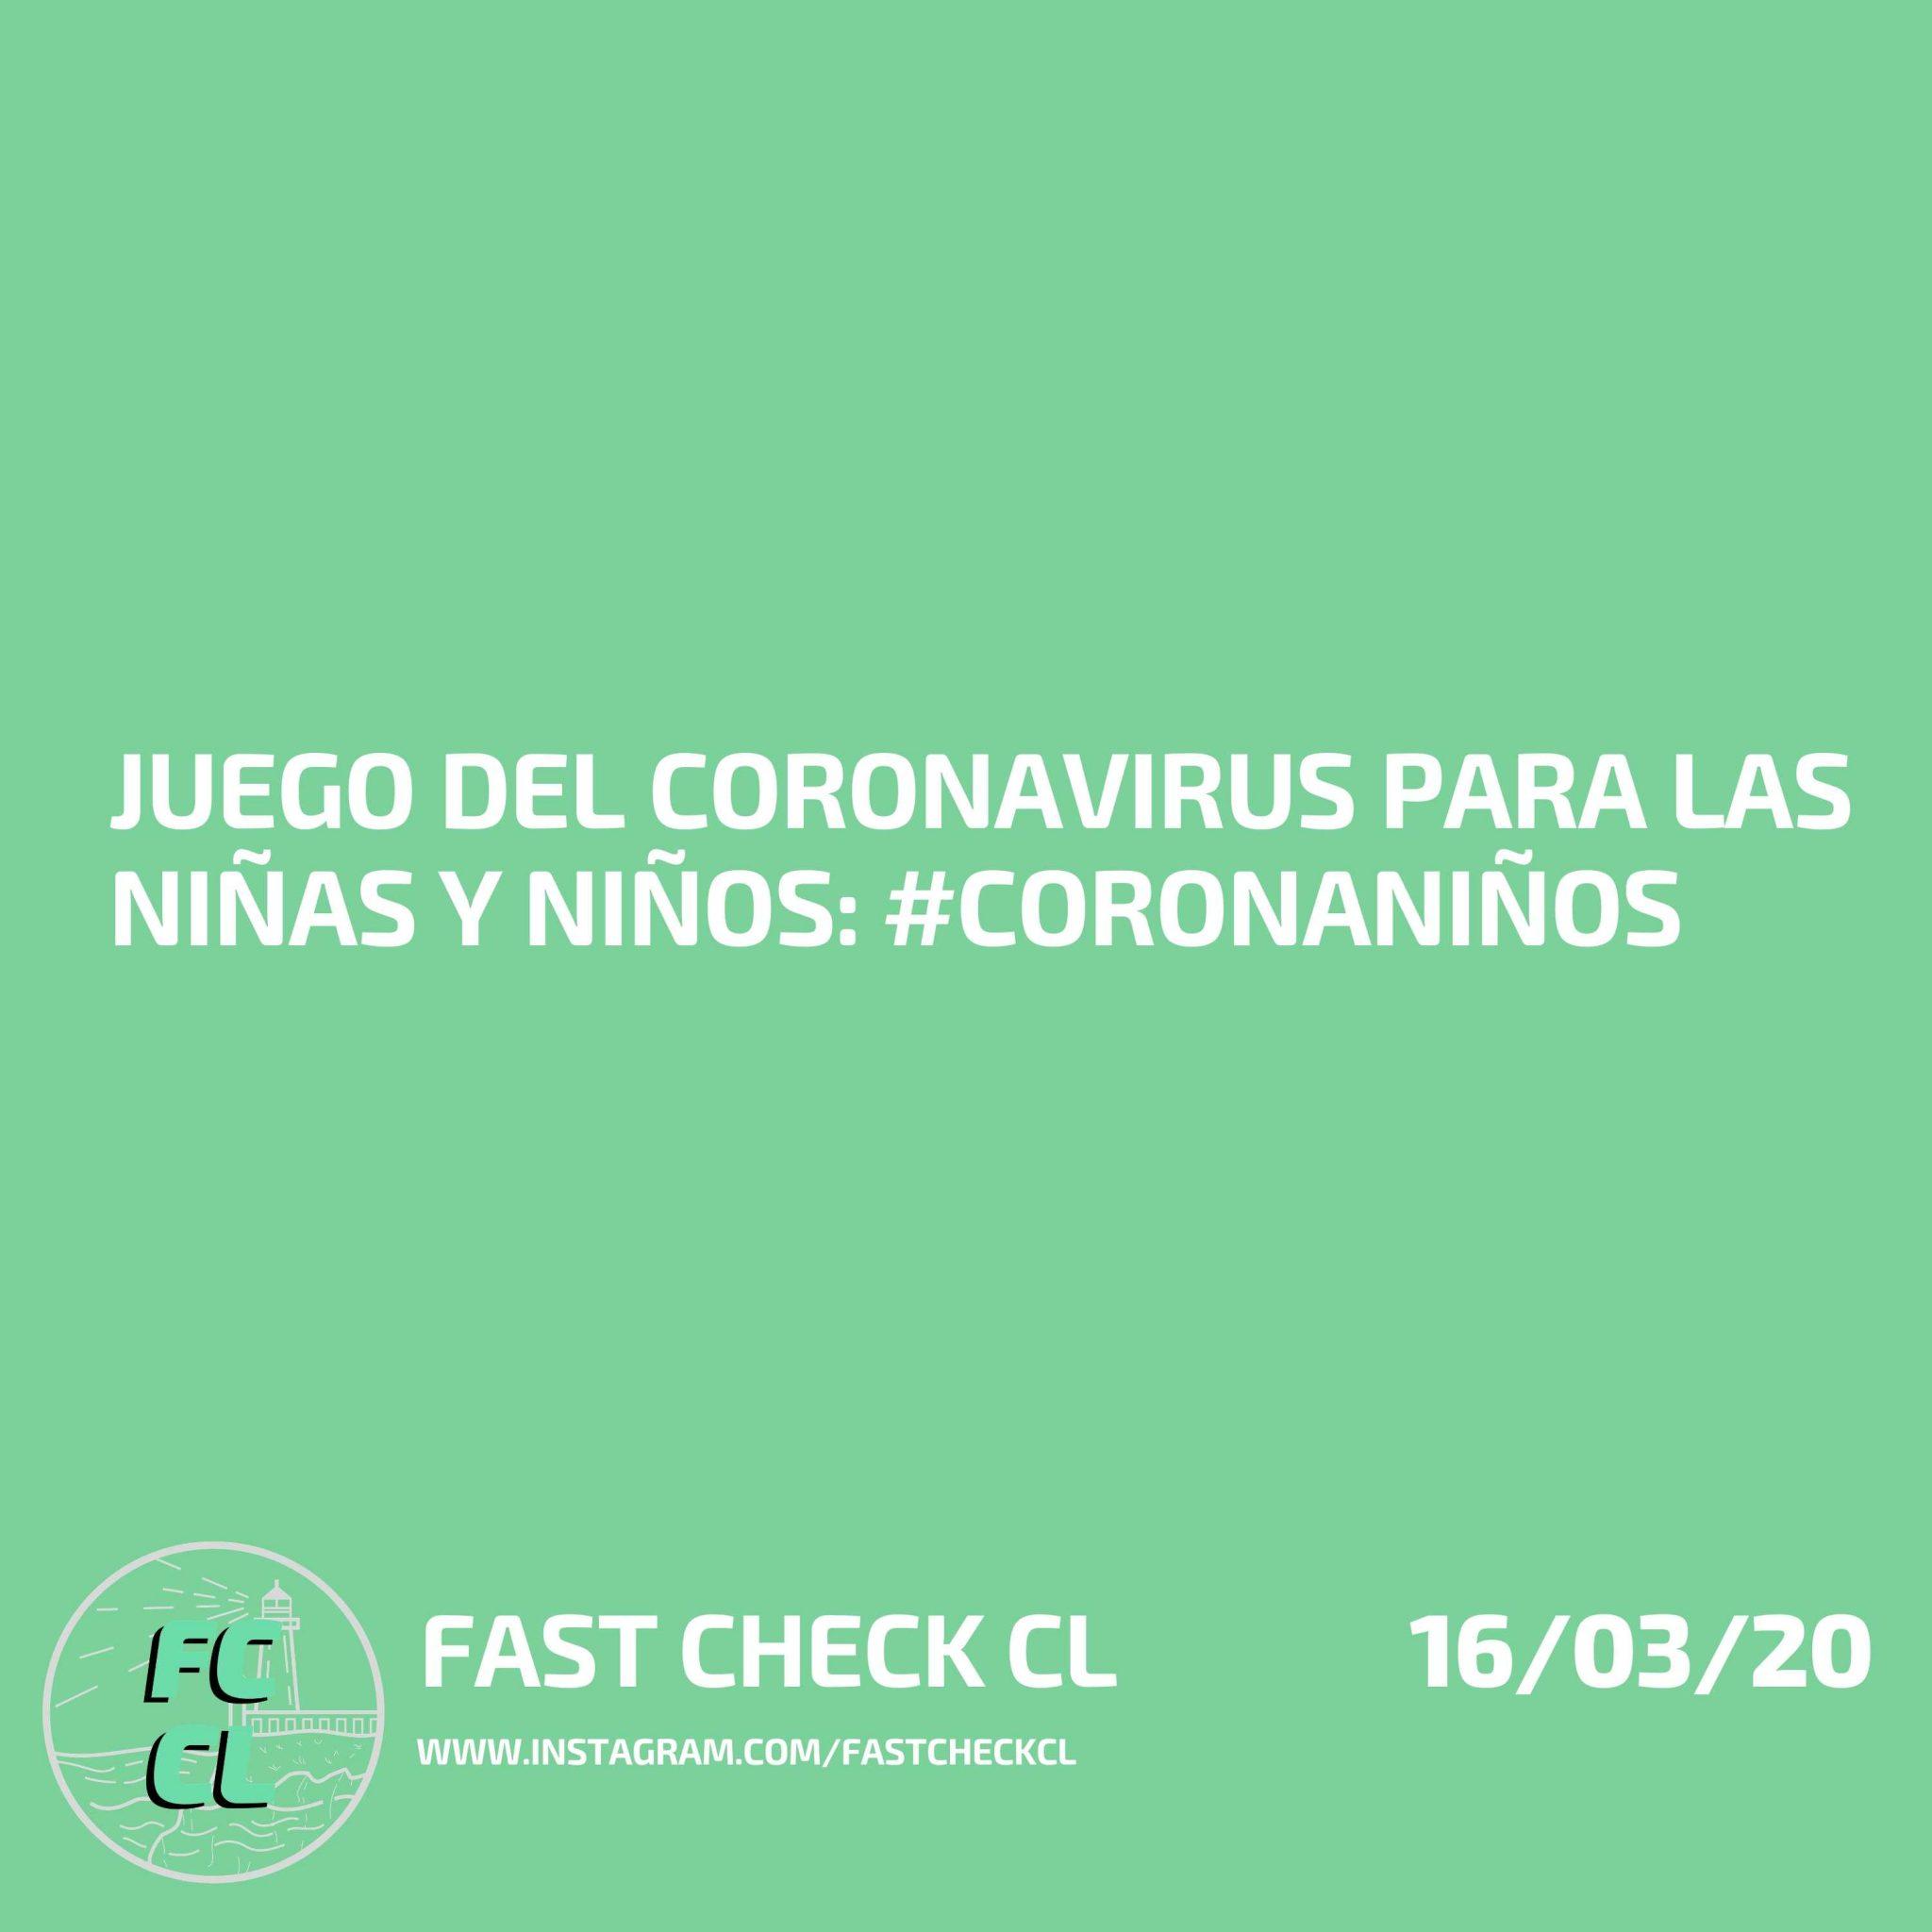 Juego del coronavirus para las niñas y niños: #coronaniños